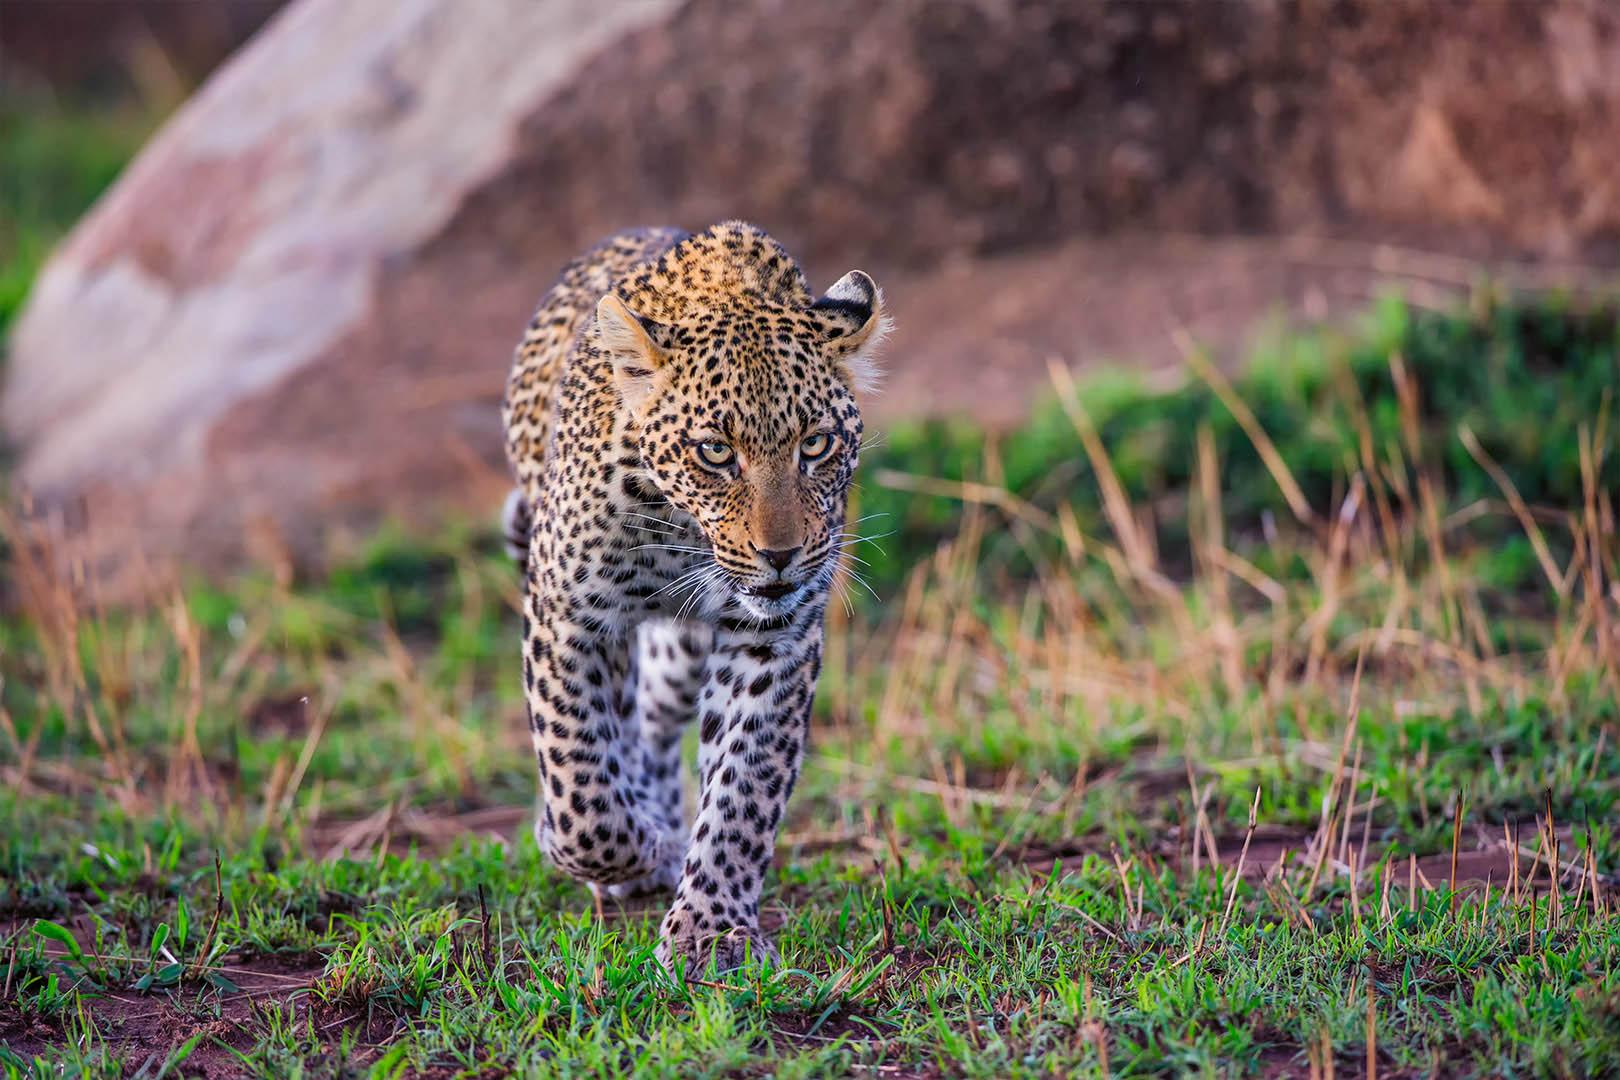 gallery-maasai-wanderings-safari-itineraries-signature-photo-safaris-africa-leopard